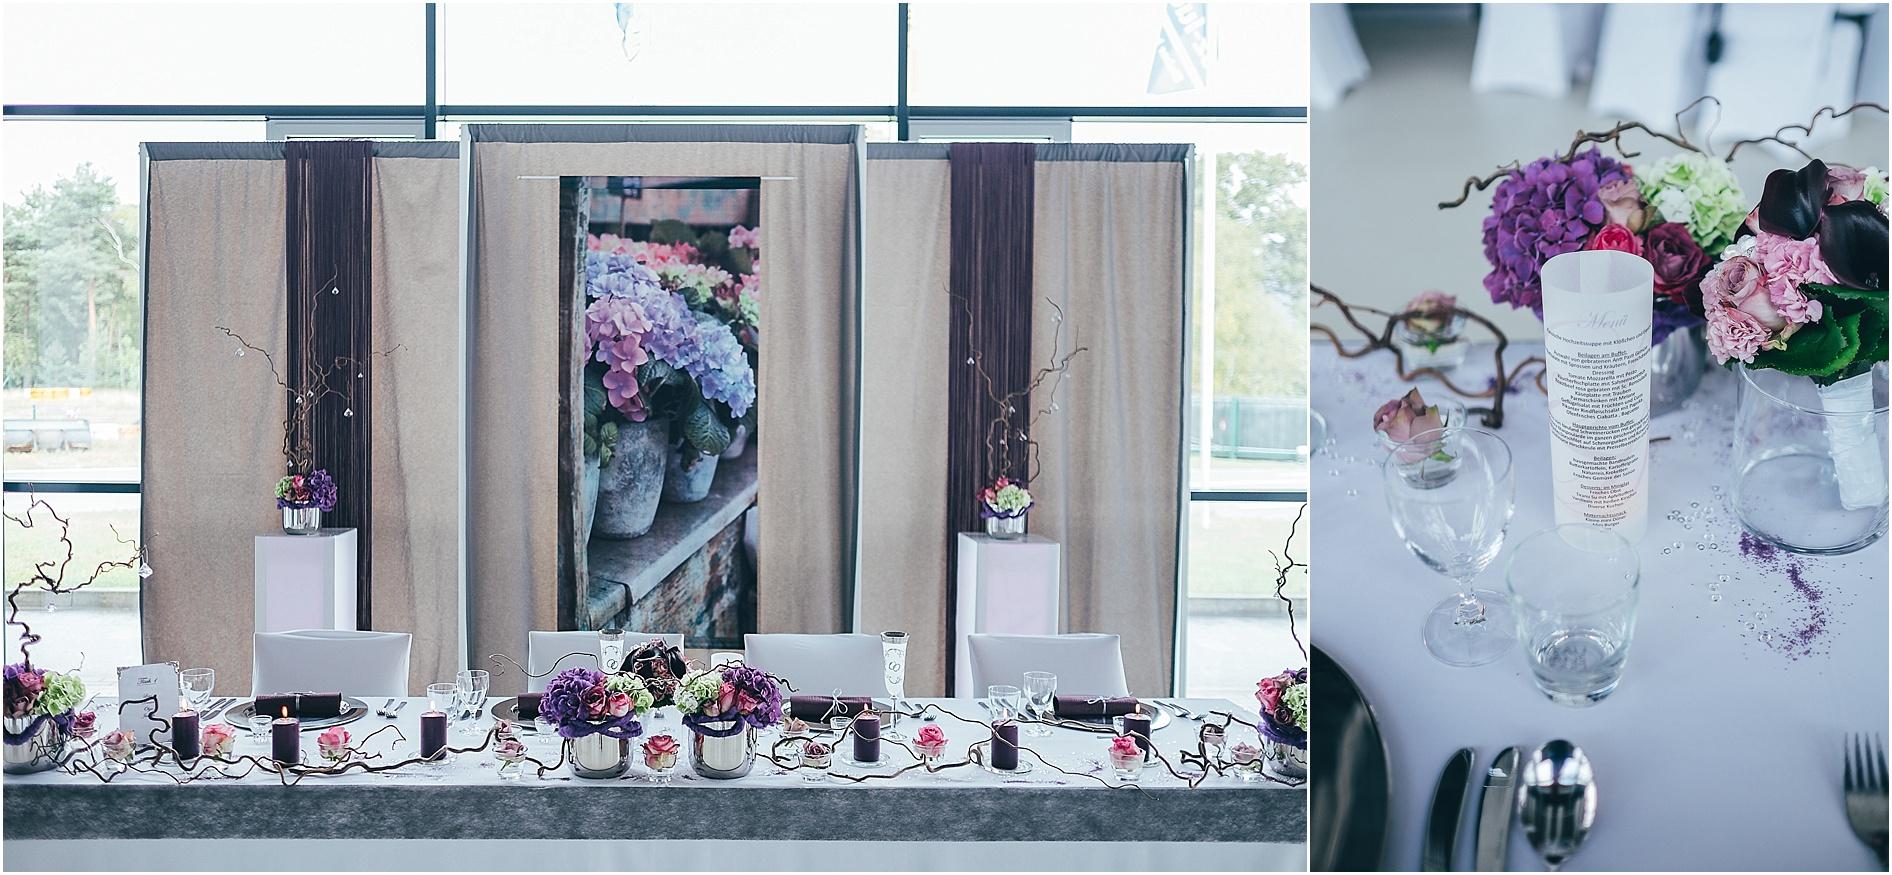 2014-11-20_0095 Lora & Daniel - Als Hochzeitsfotograf in Lüneburg